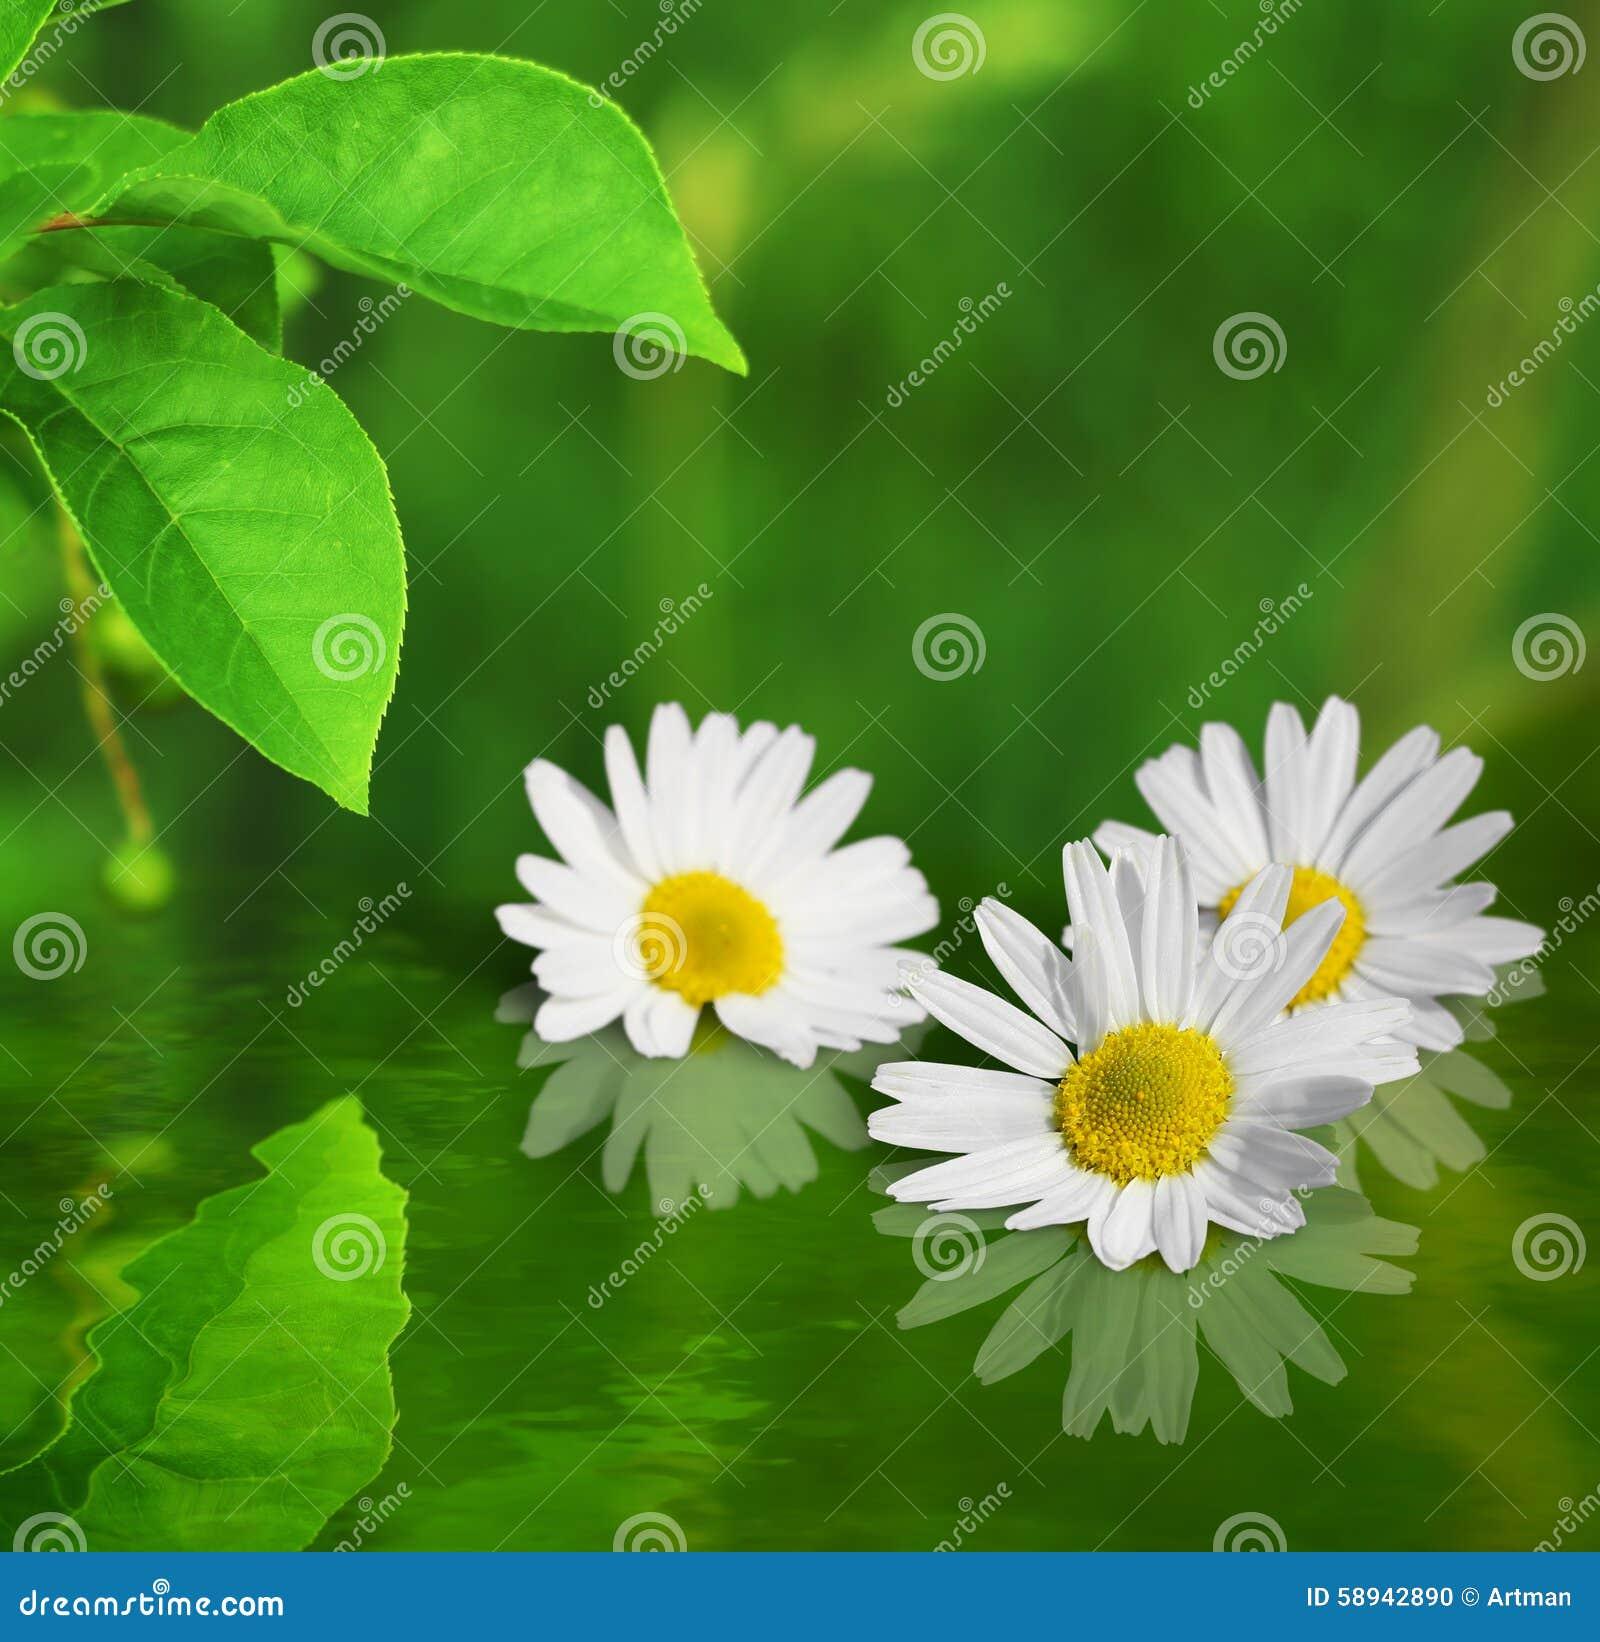 trois fleurs de marguerite sur le fond vert se sont refl t es dans l 39 eau photo stock image. Black Bedroom Furniture Sets. Home Design Ideas